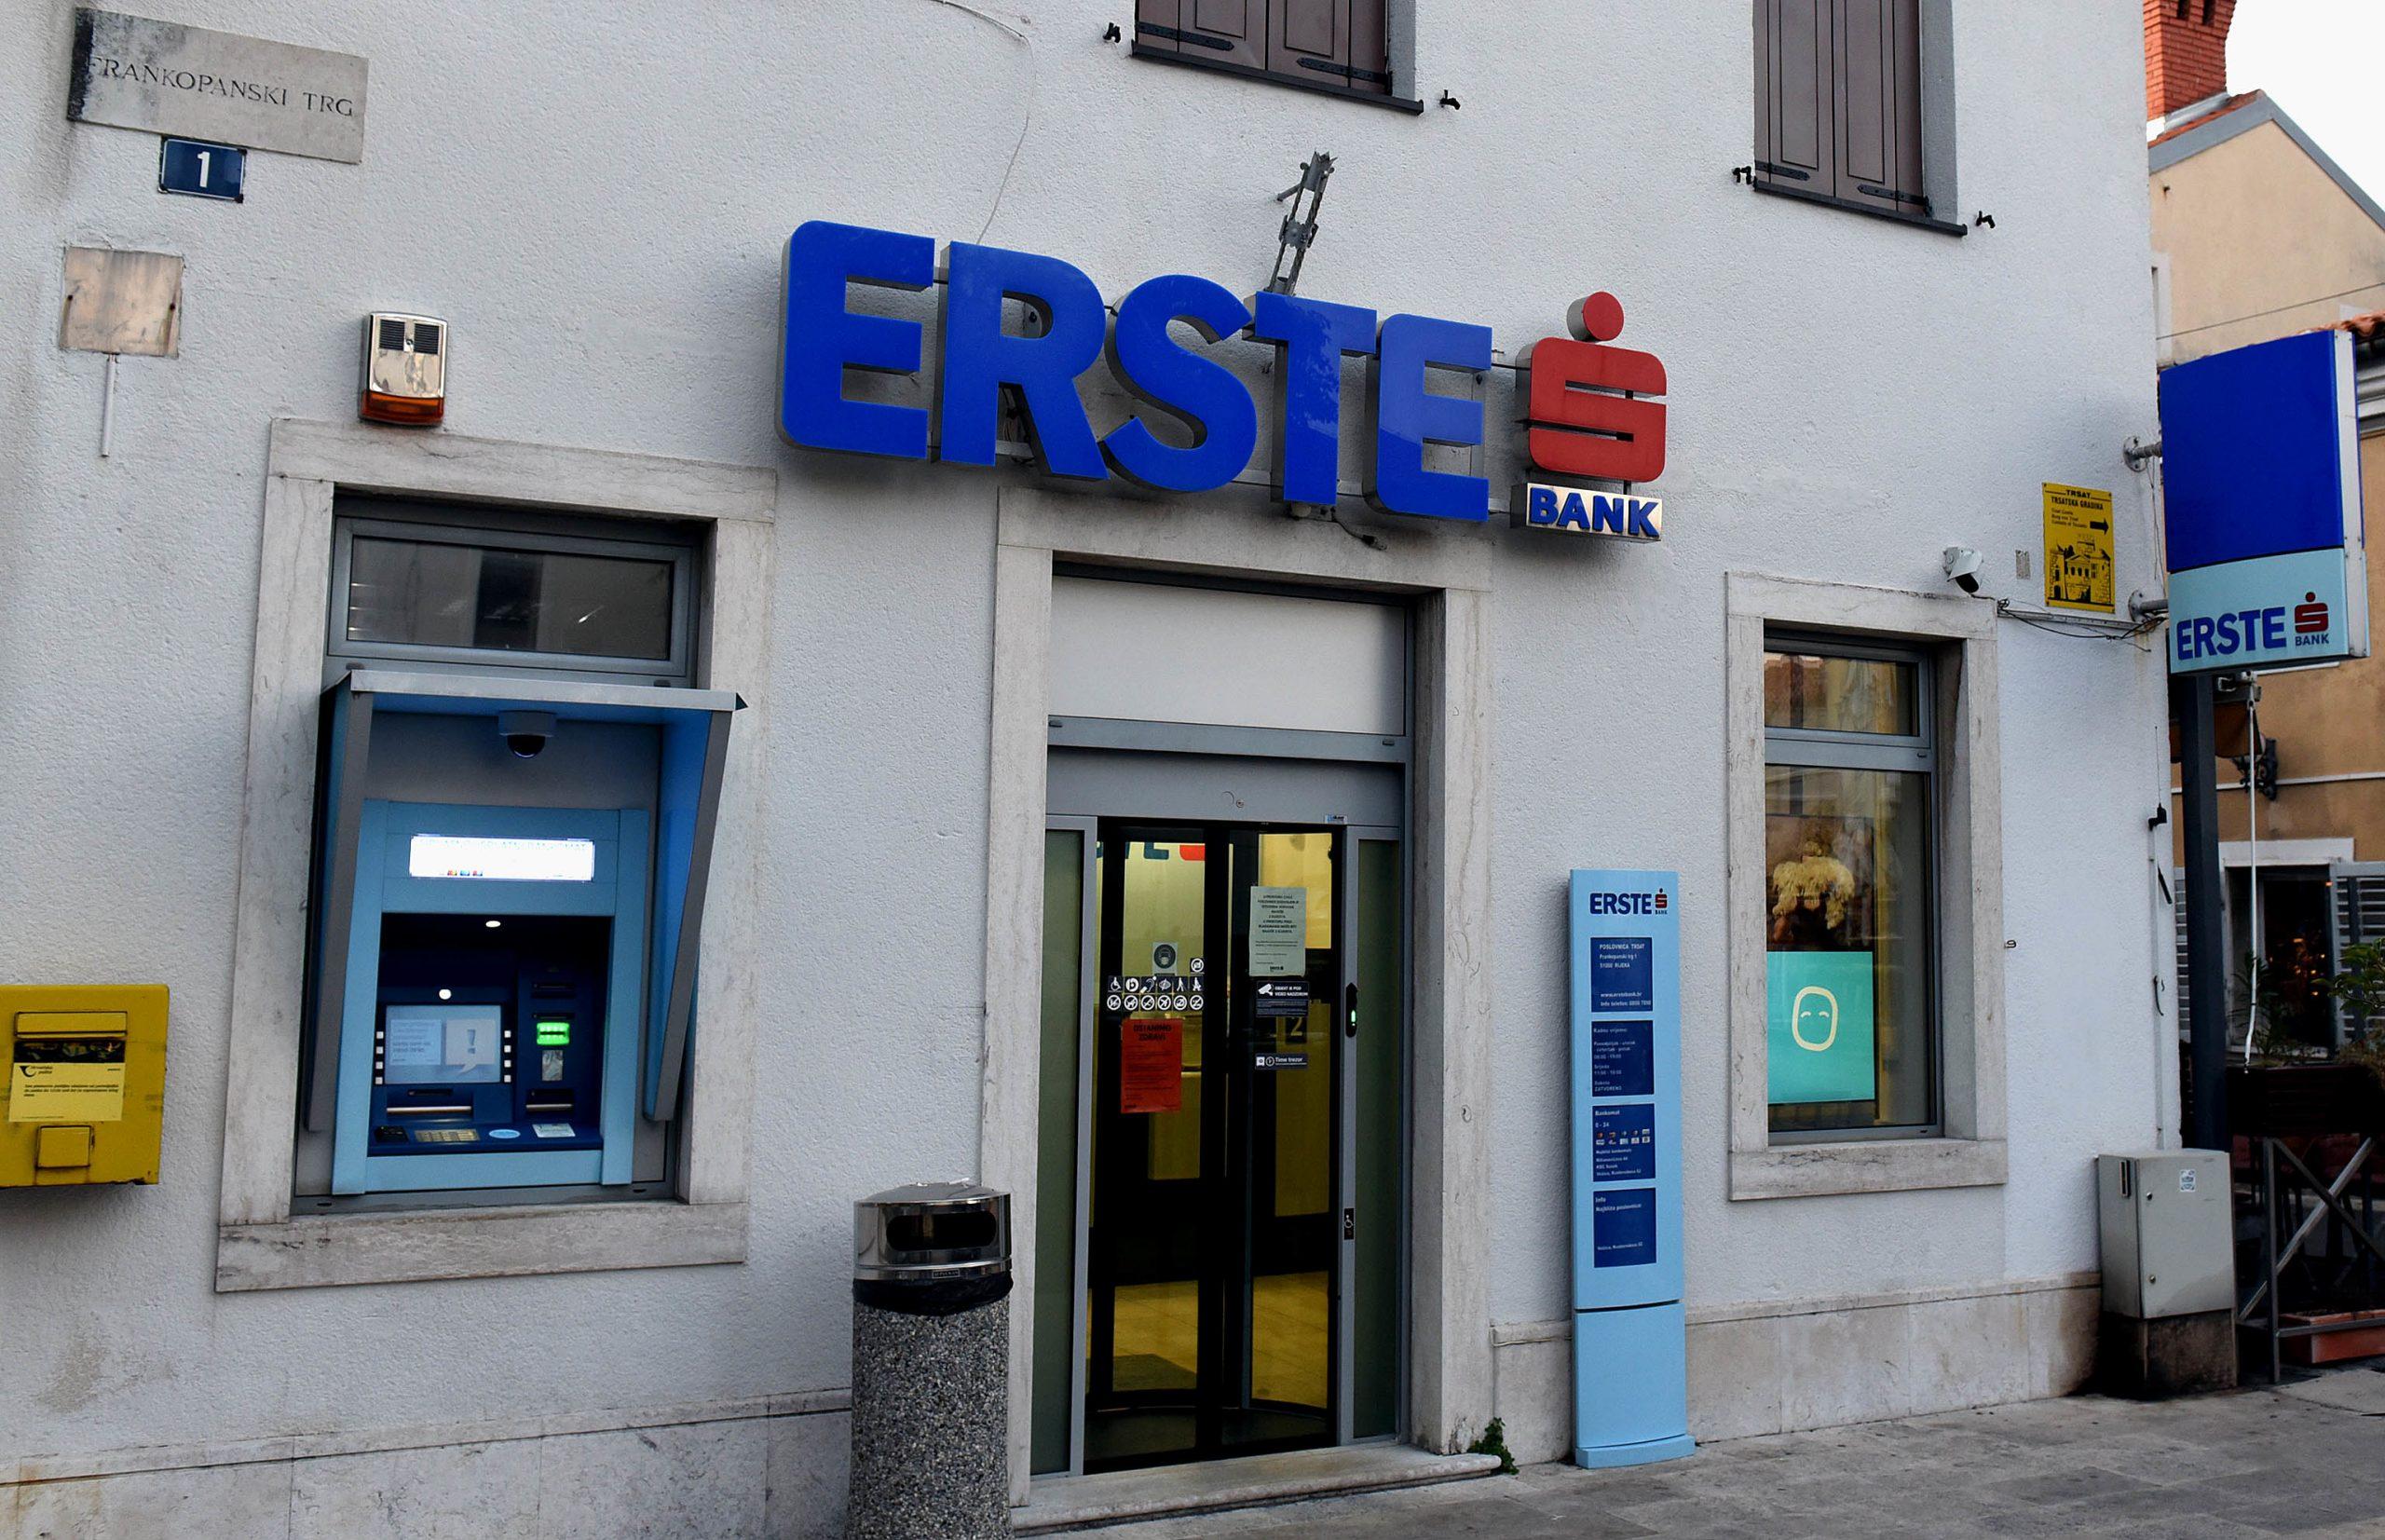 Poslovnica na Trsatu će se zatvoriti, no bankomat će ostati, baš kao i u slučaju druge dvije poslovnice koje se zatvaraju / Foto M. GRACIN